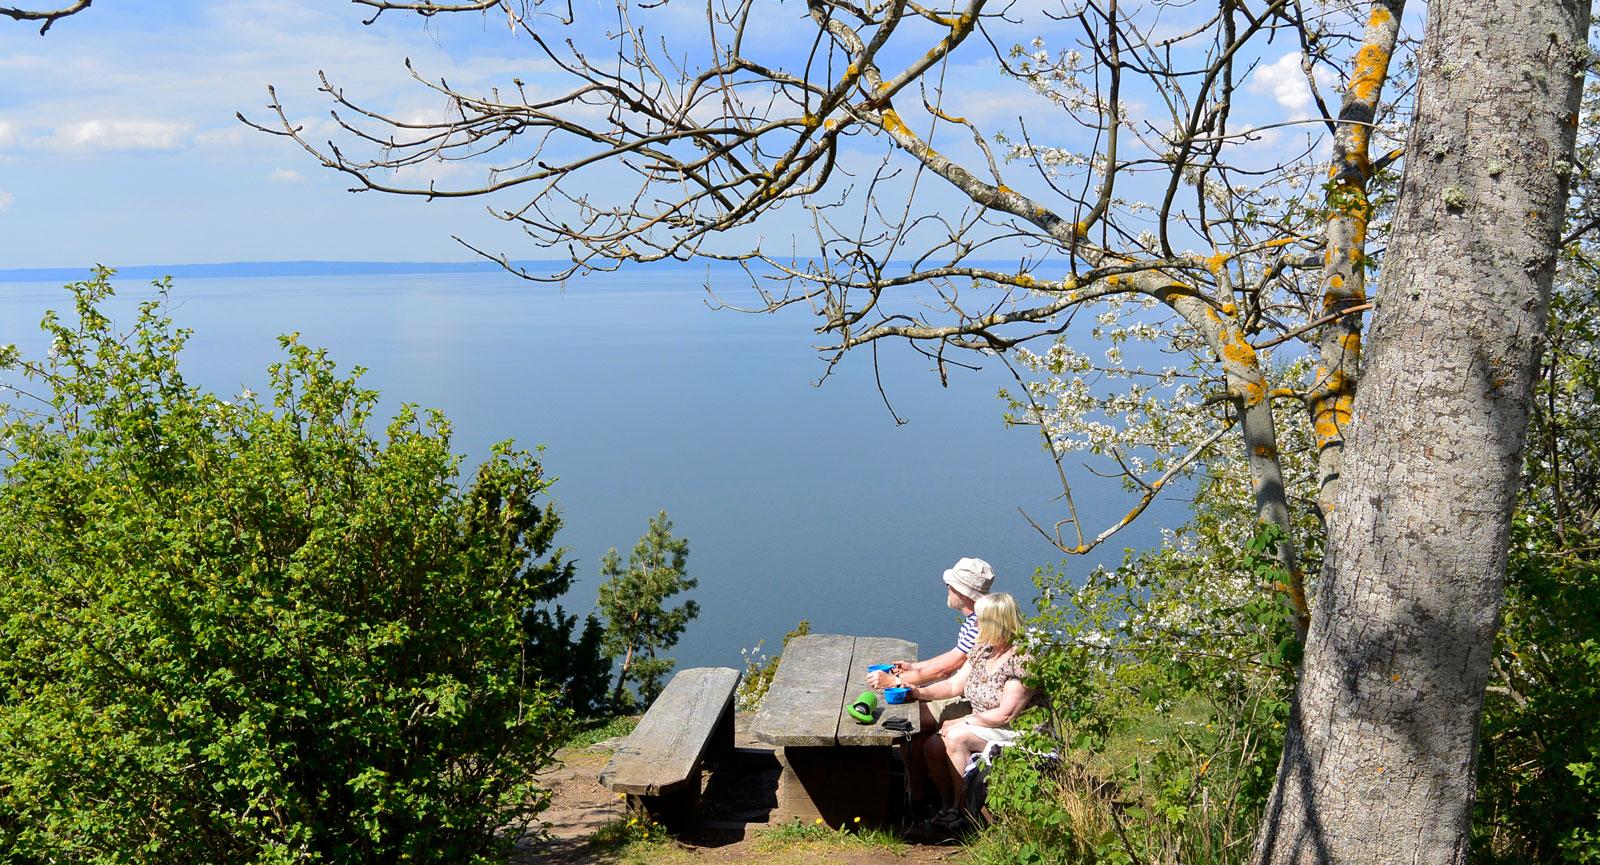 Vid detta rastbord, beläget precis invid Norra Sjövägen, sitter man inte i sjön. Bara nästan.